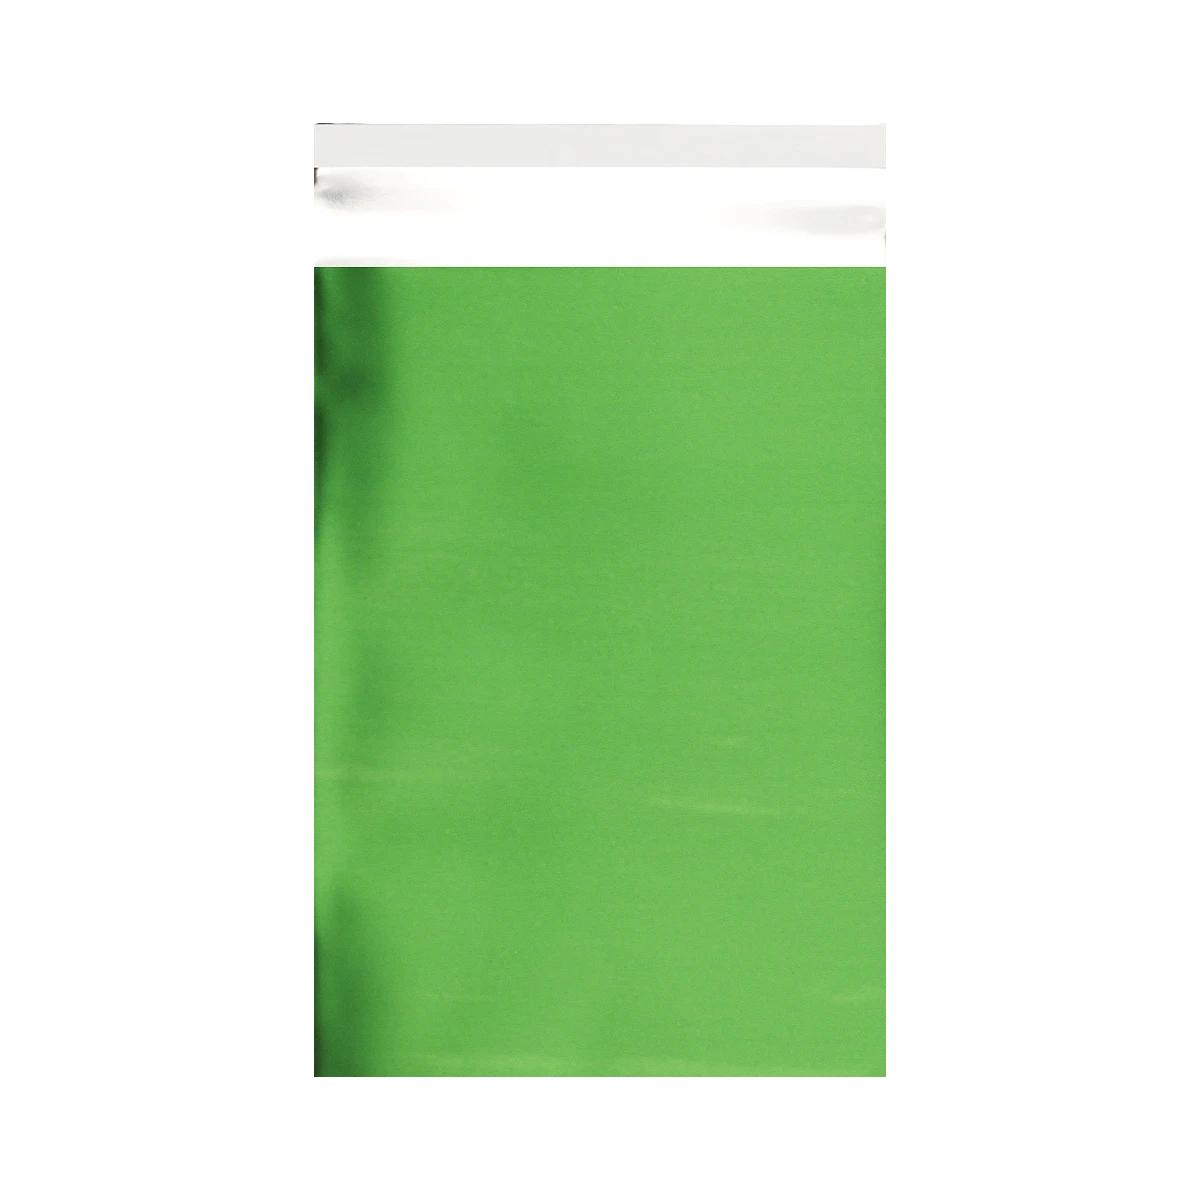 Mattfolierad påse Grön